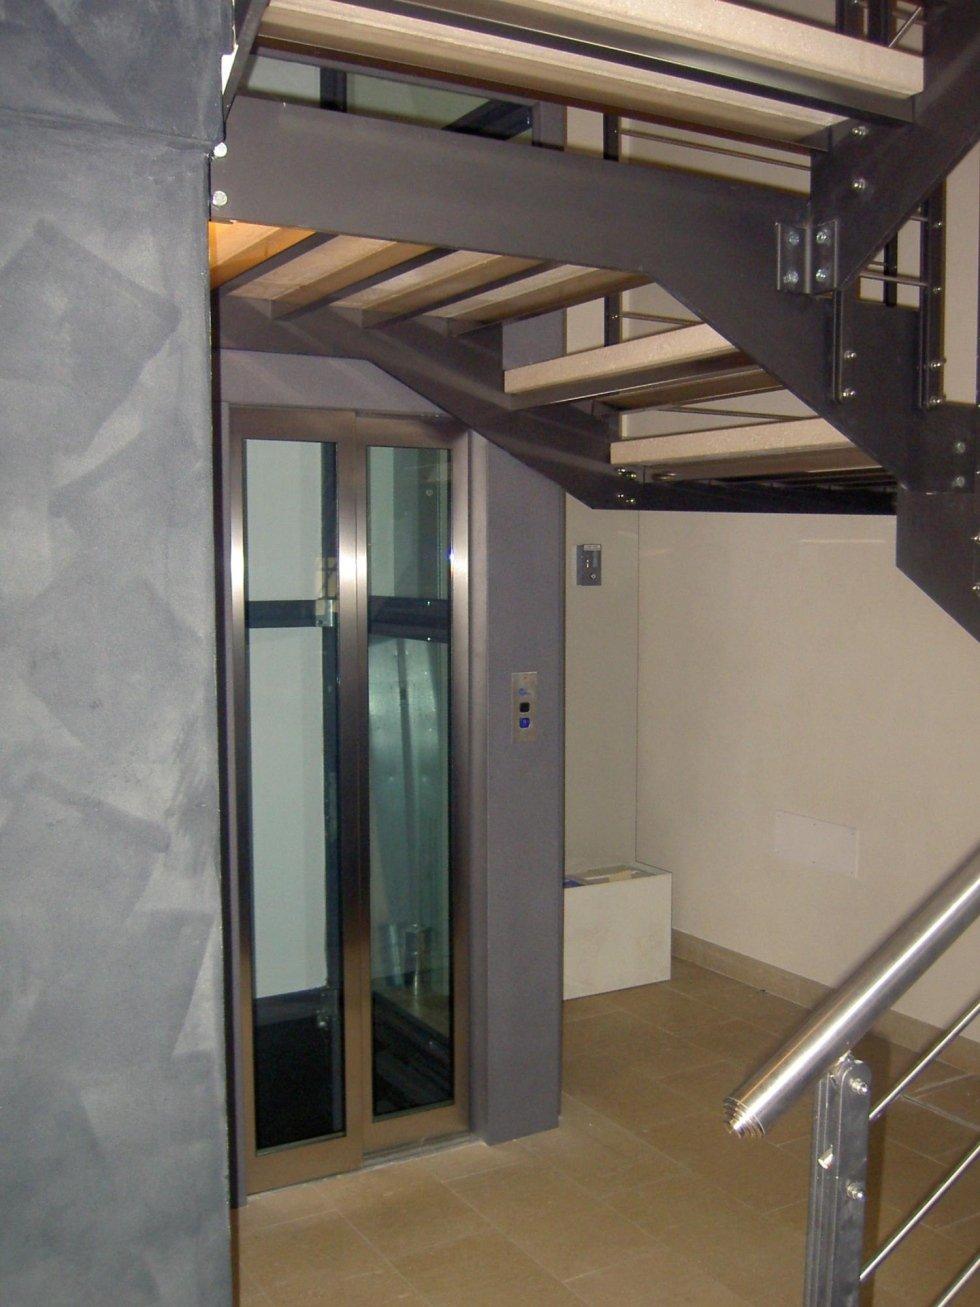 vista interna di una casa con ascensore panoramico e pavimento in piastrelle